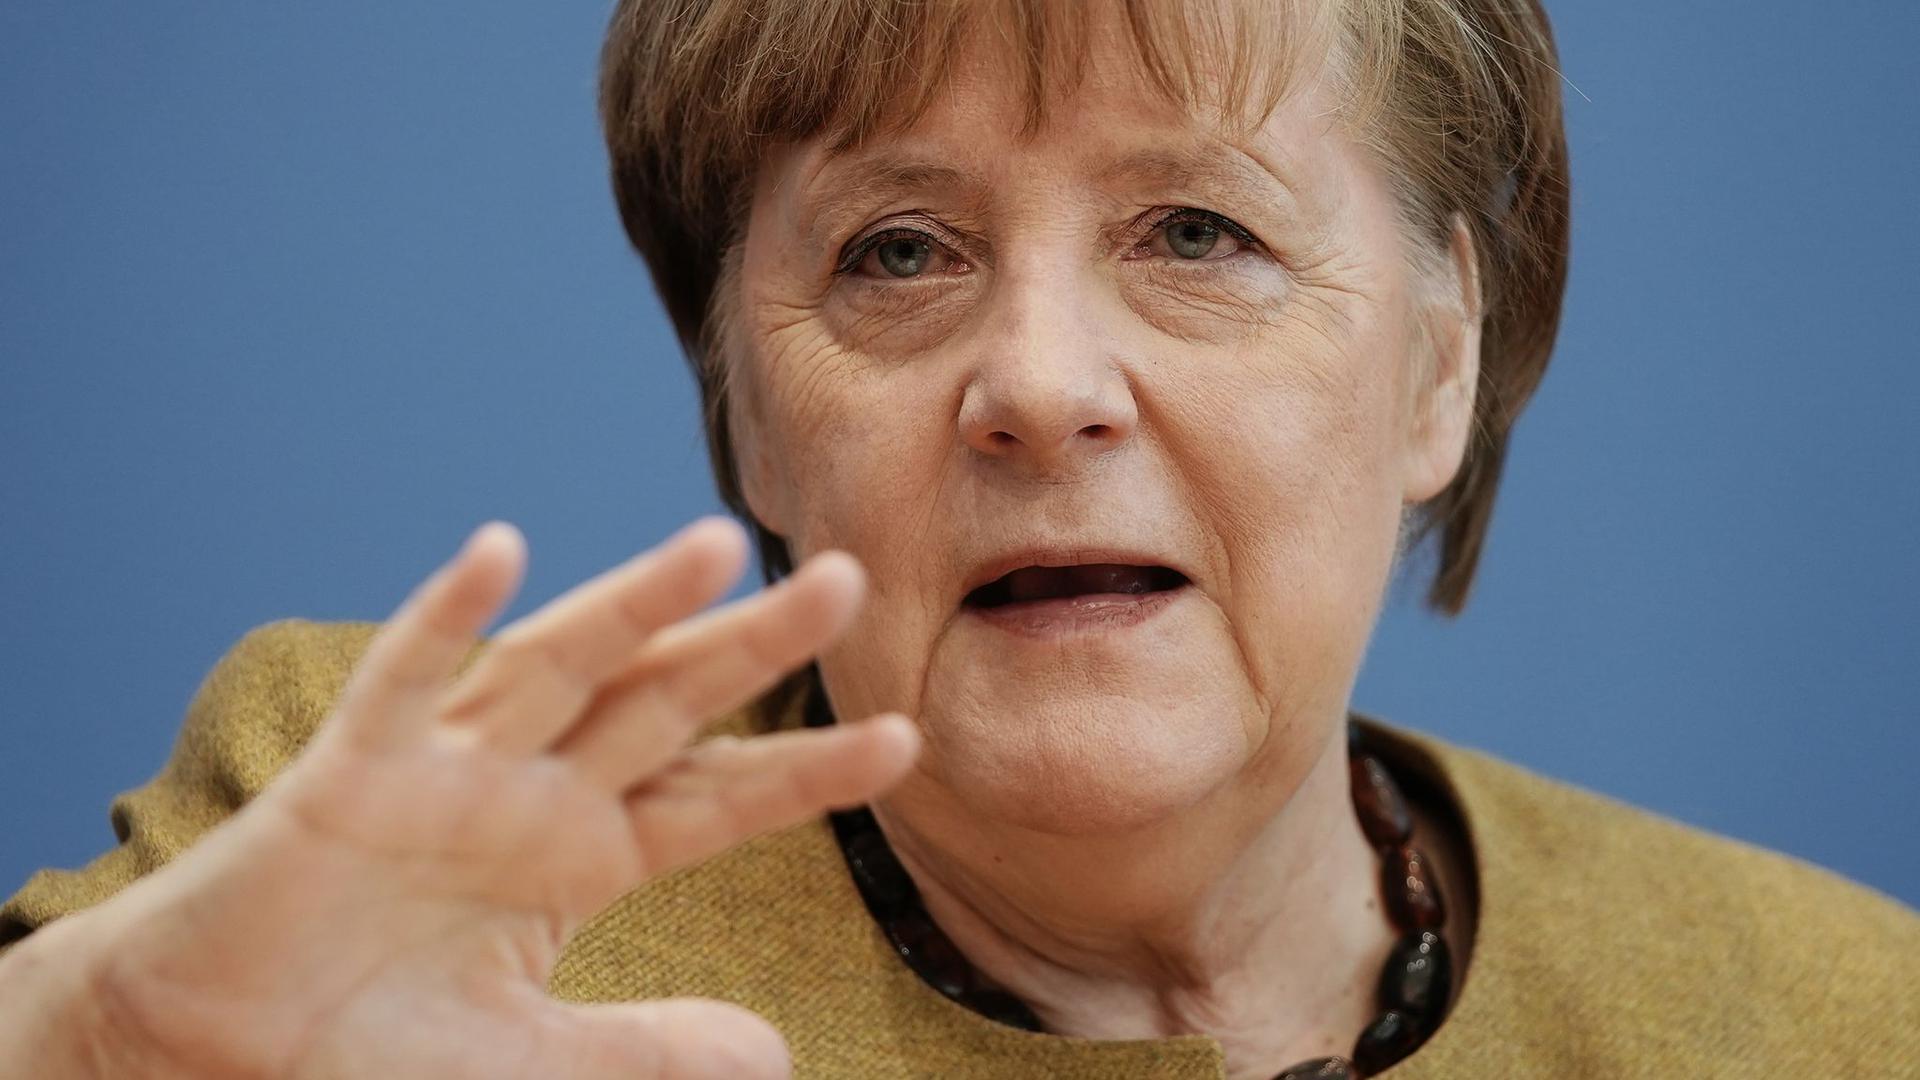 Bundeskanzlerin Angela Merkel (CDU) hat dem neuen US-Präsidenten Joe Biden ein stärkeres, auch militärisches Engagement Deutschlands und Europas in internationalen Fragen versprochen.